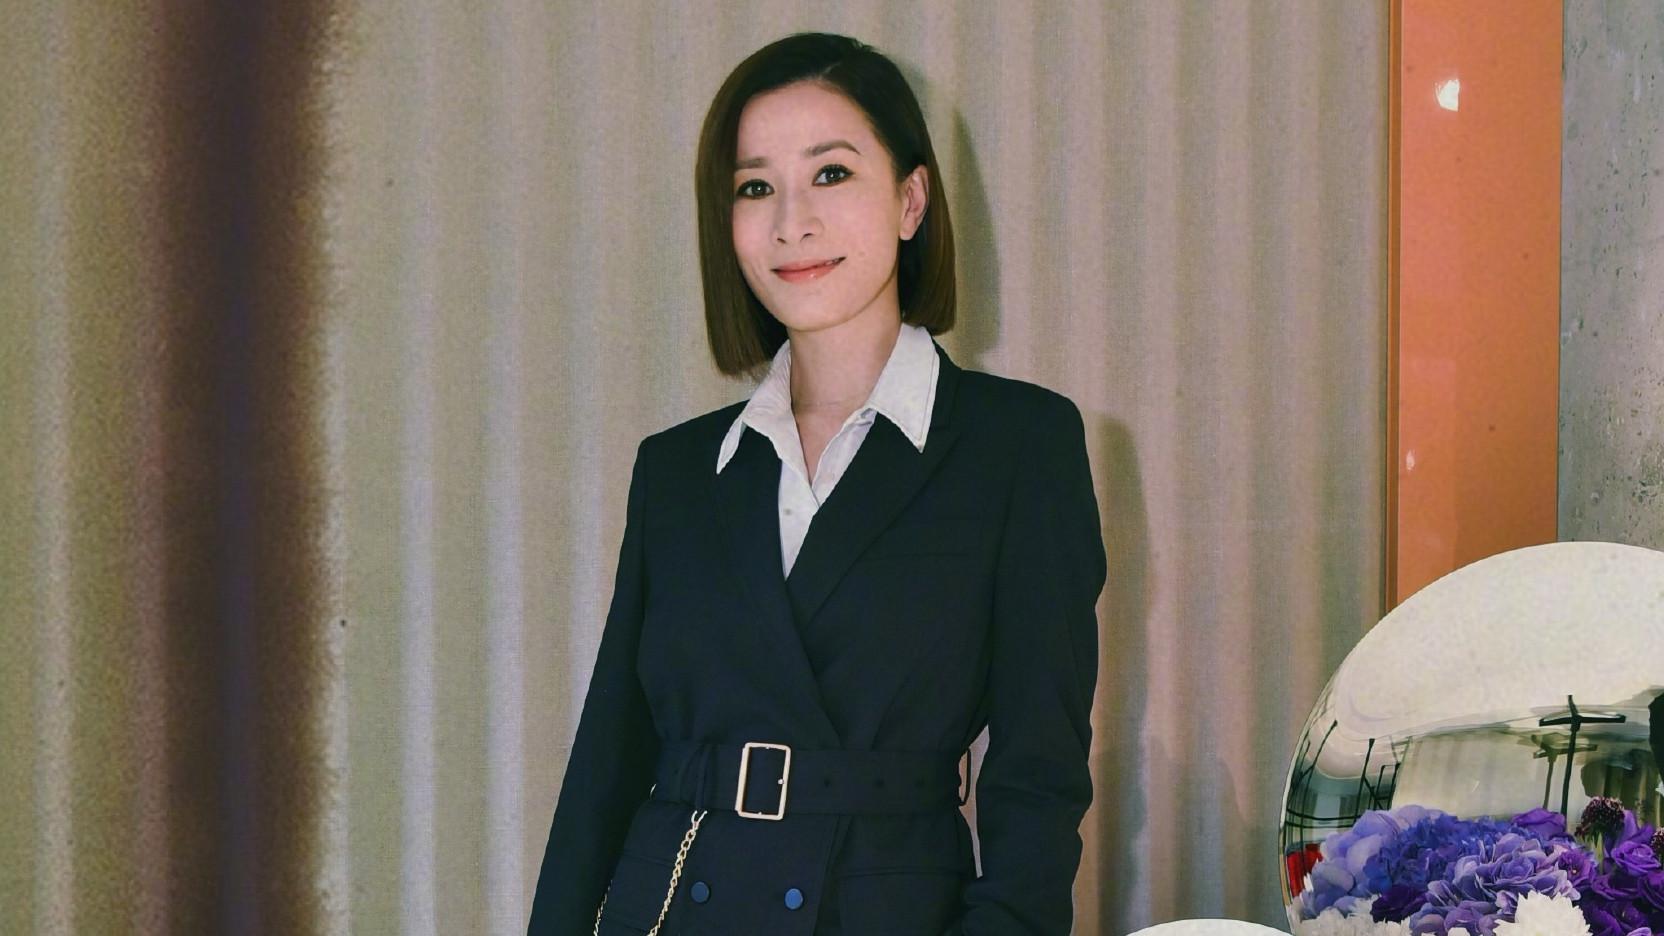 佘诗曼终于换风格!黑色西装搭配短发尽显干练,霸气女总裁好帅气